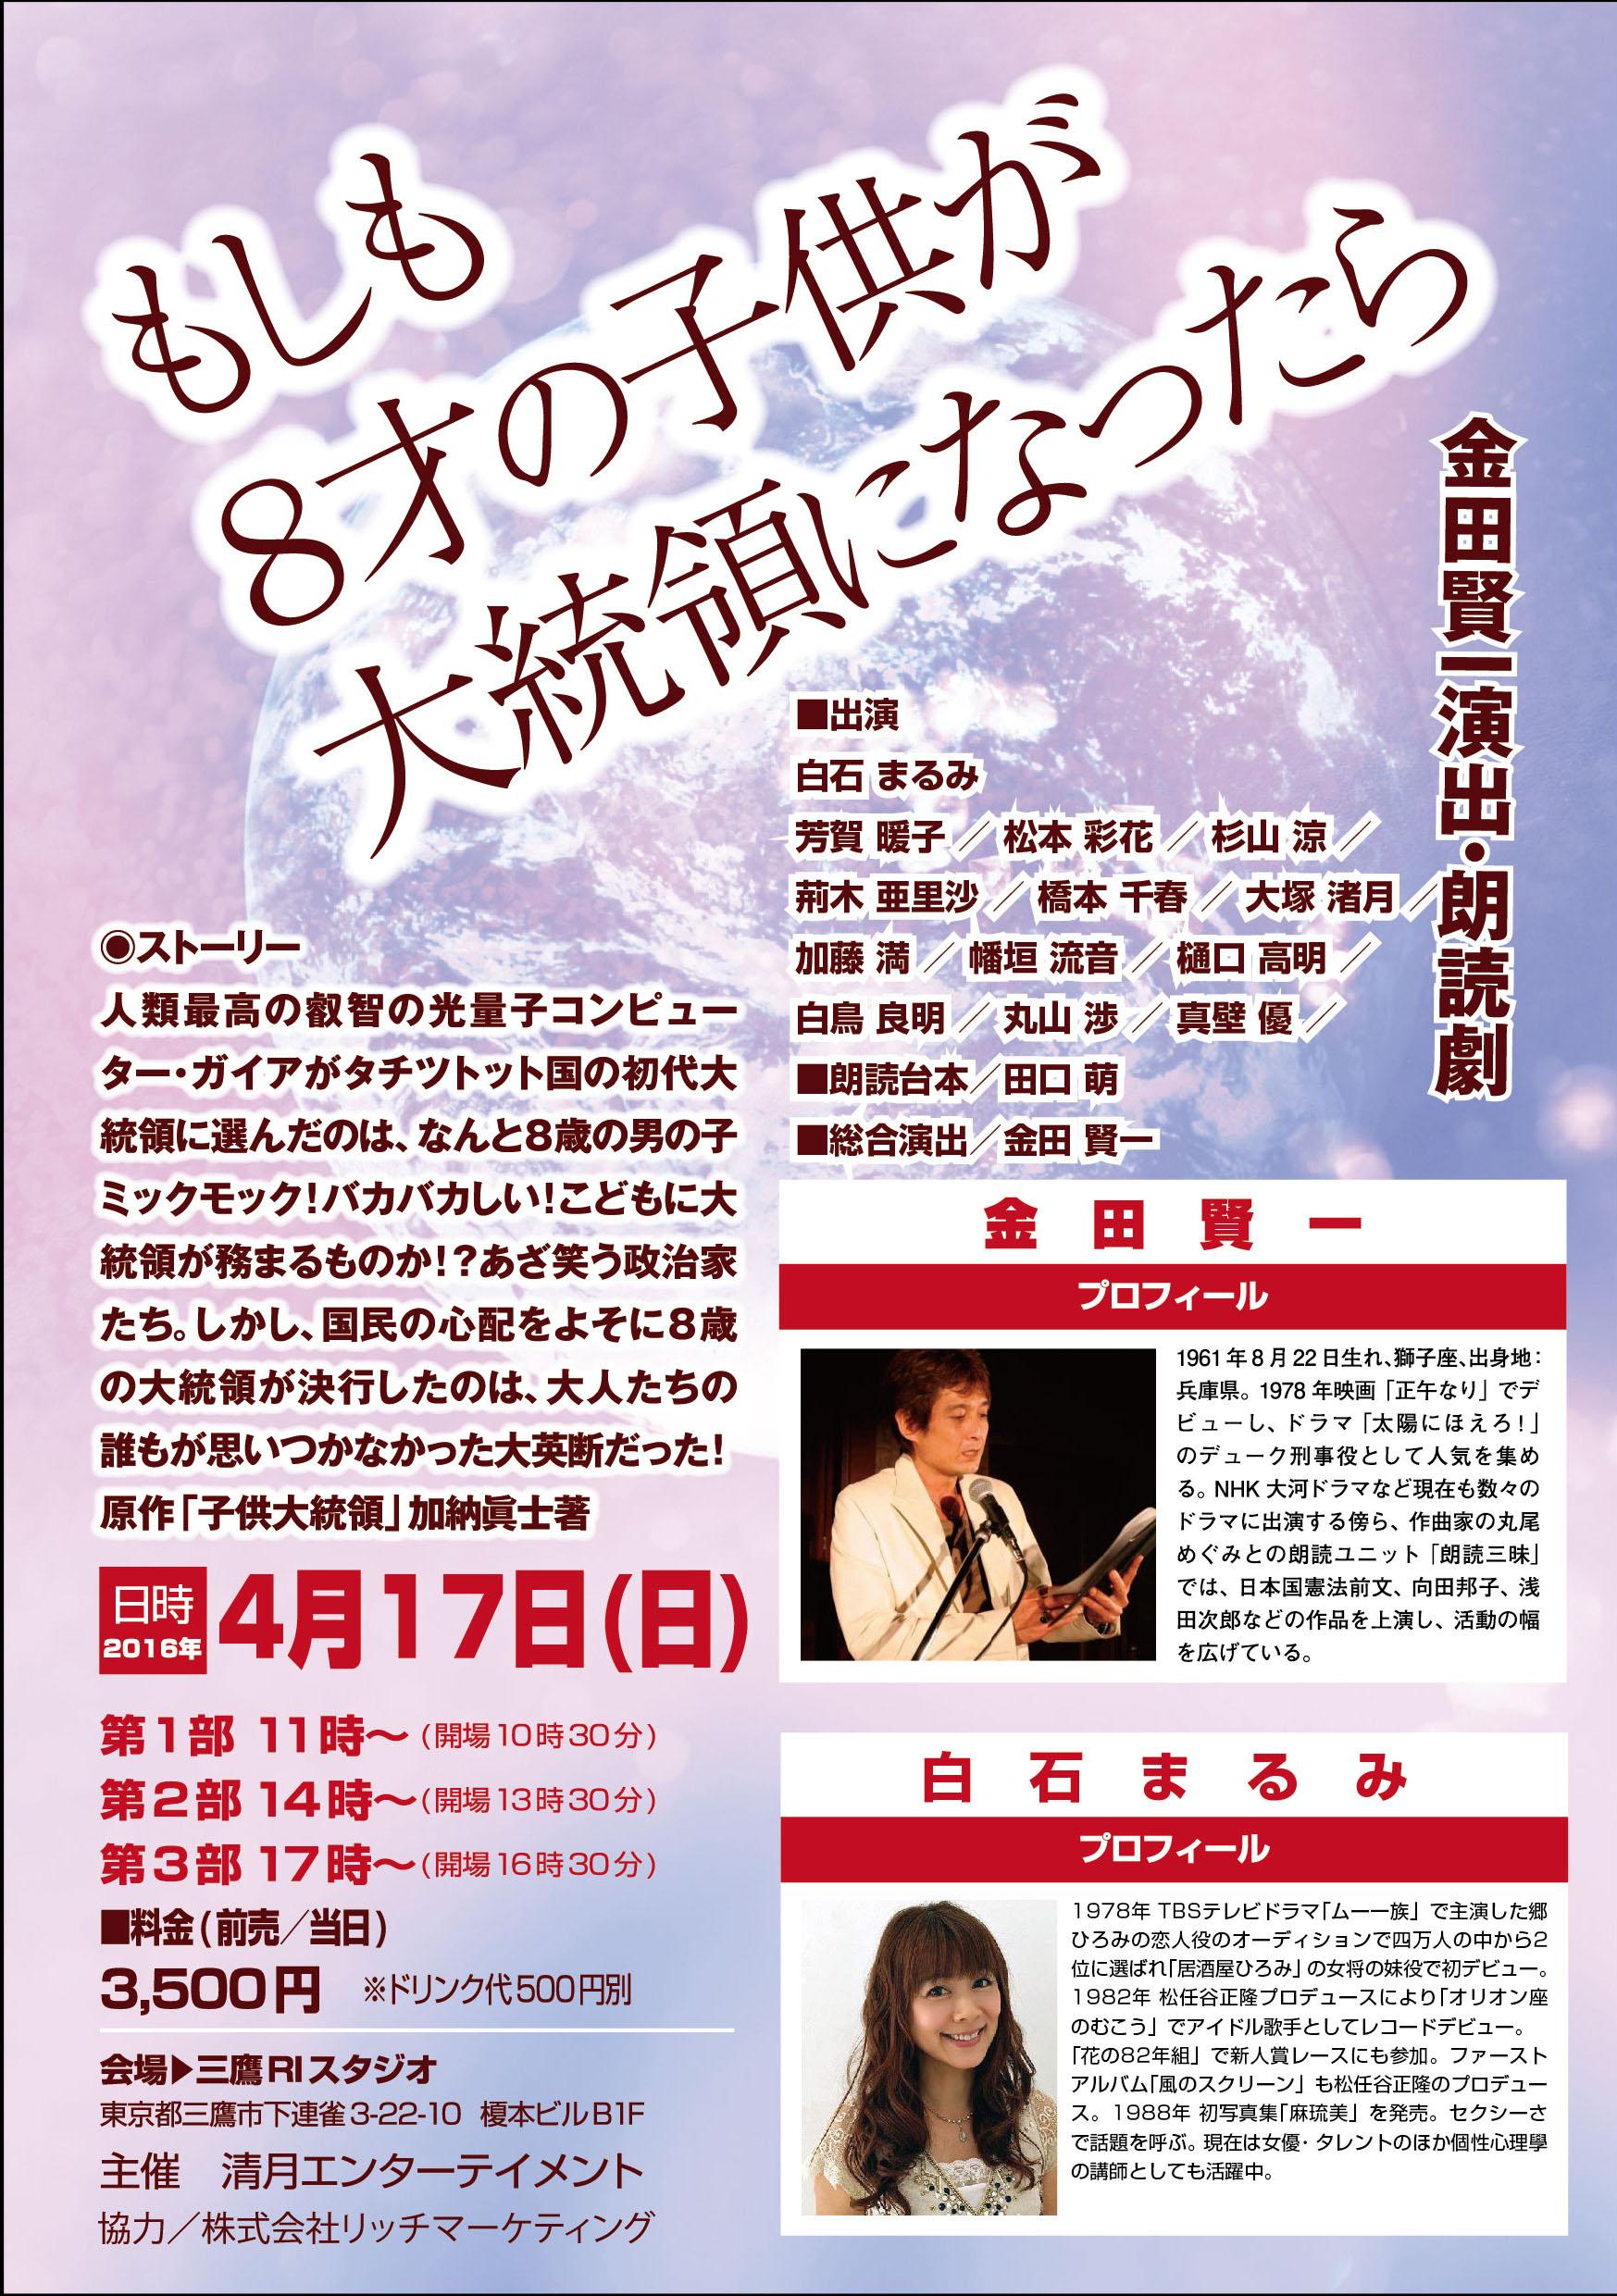 金田賢一演出・朗読劇「もしも8才の子供が大統領になったら(4月公演)」